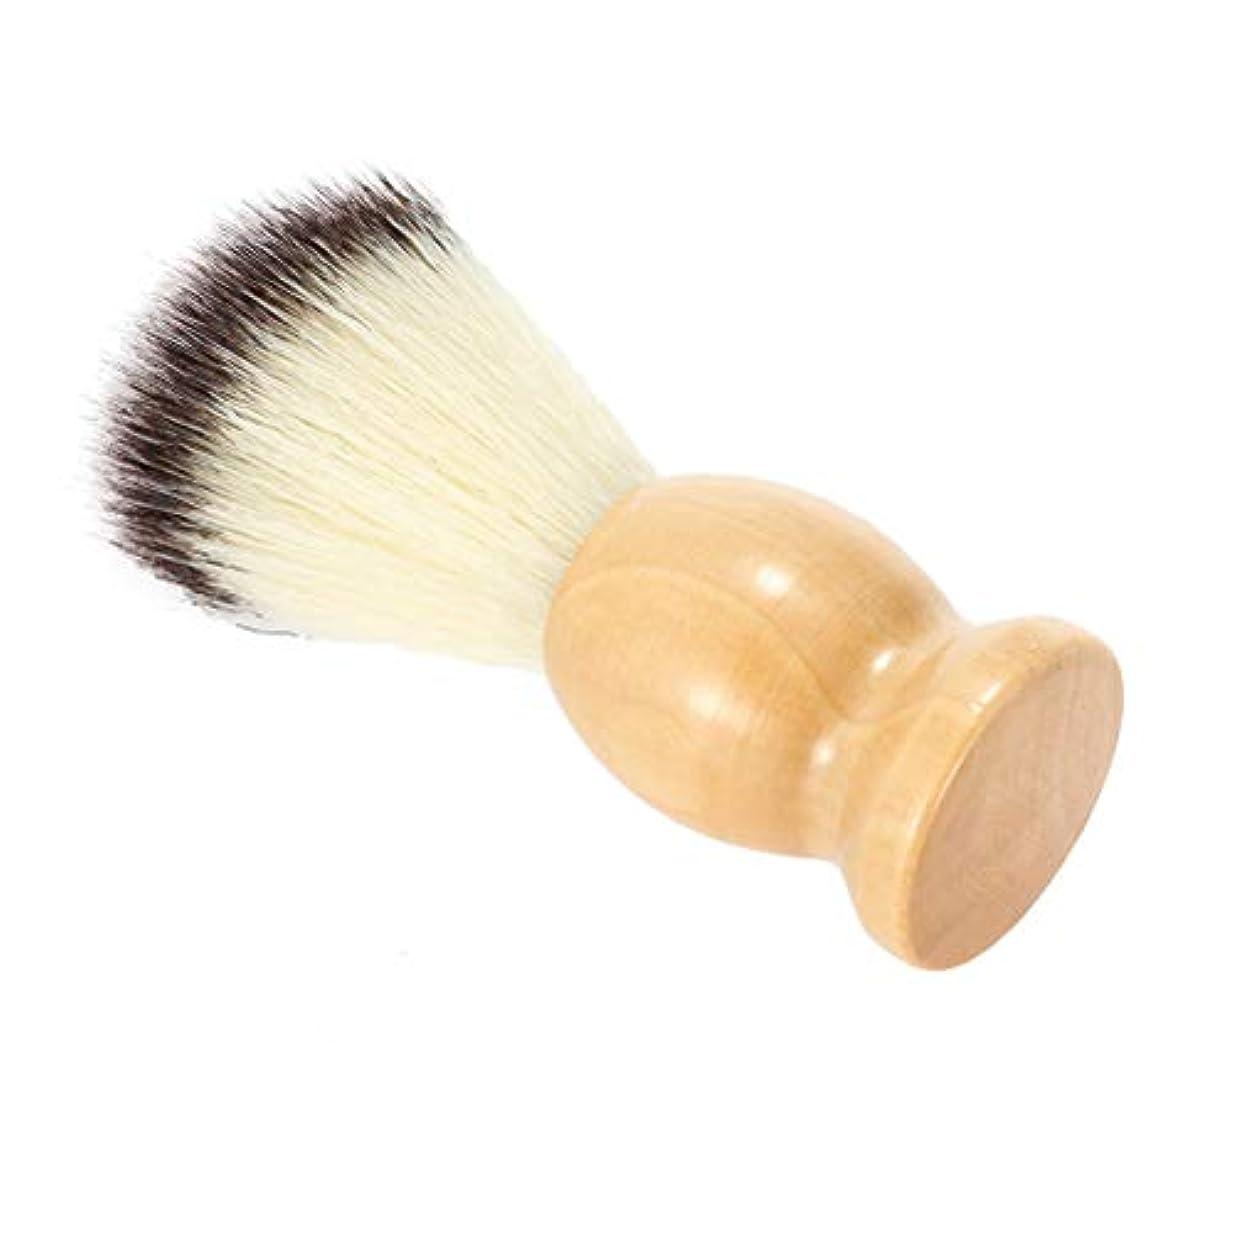 爪チョーク非常に怒っていますLurrose 木製ハンドル付シェービングブラシ理容ブラシかみそりブラシ(カーキ)